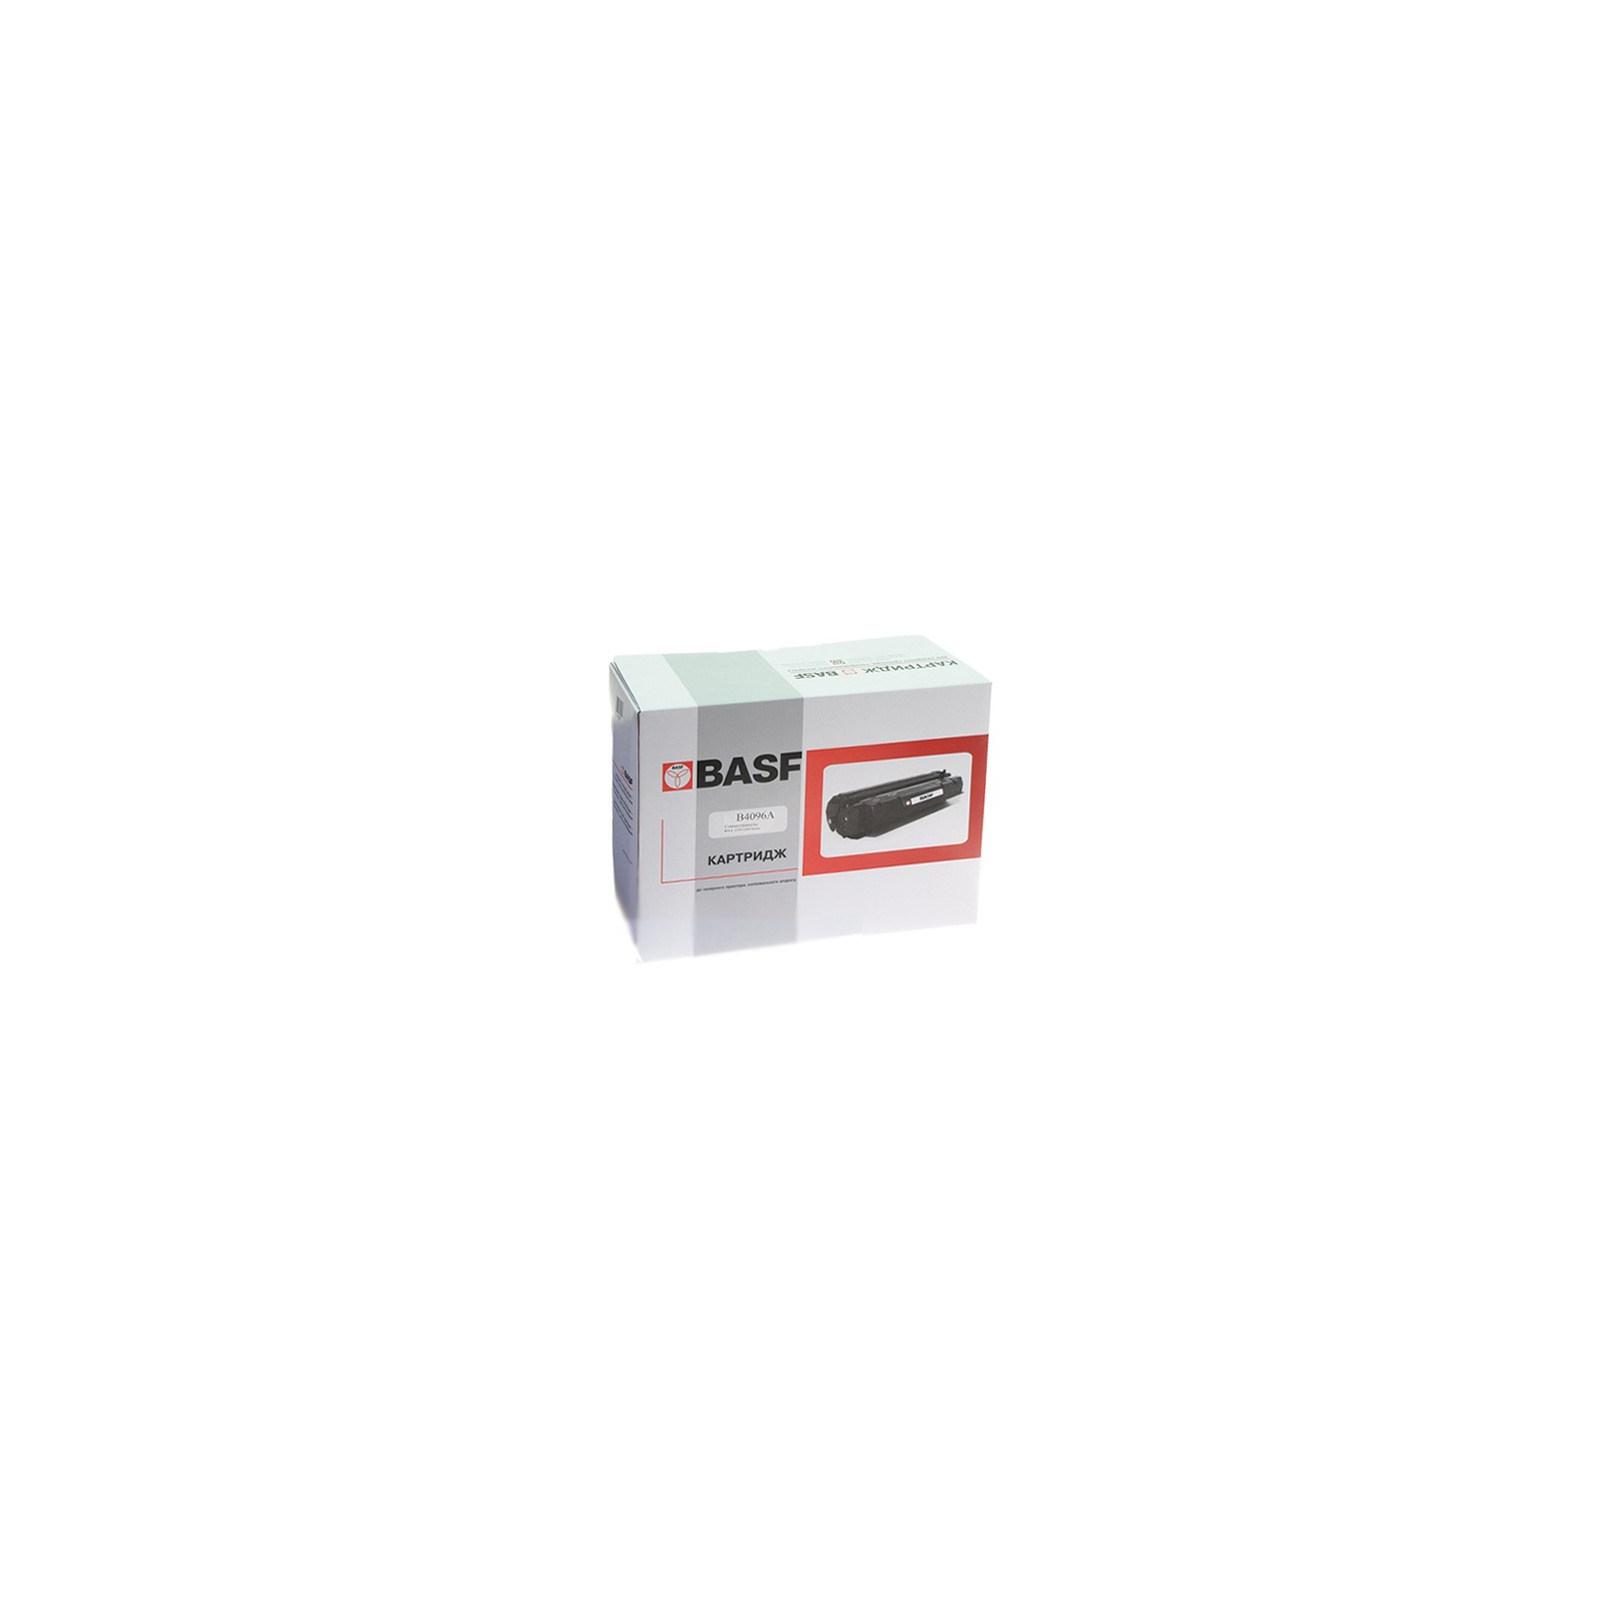 Картридж BASF для HP LJ 2100/2200 (B4096)